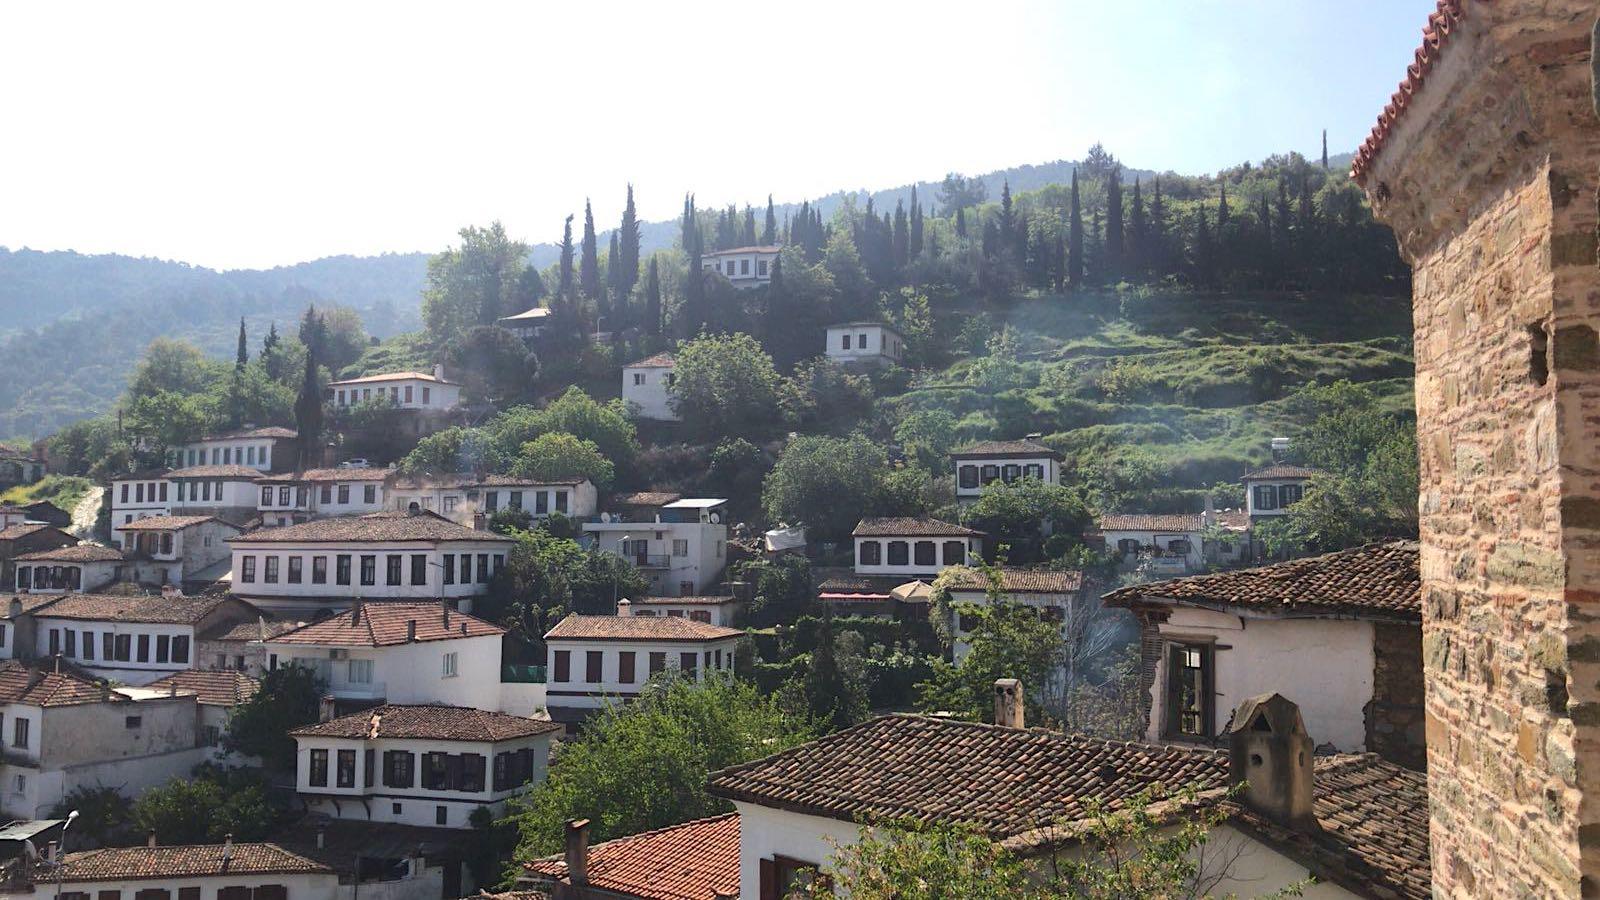 En Güzel Ege Köyleri - Şirince